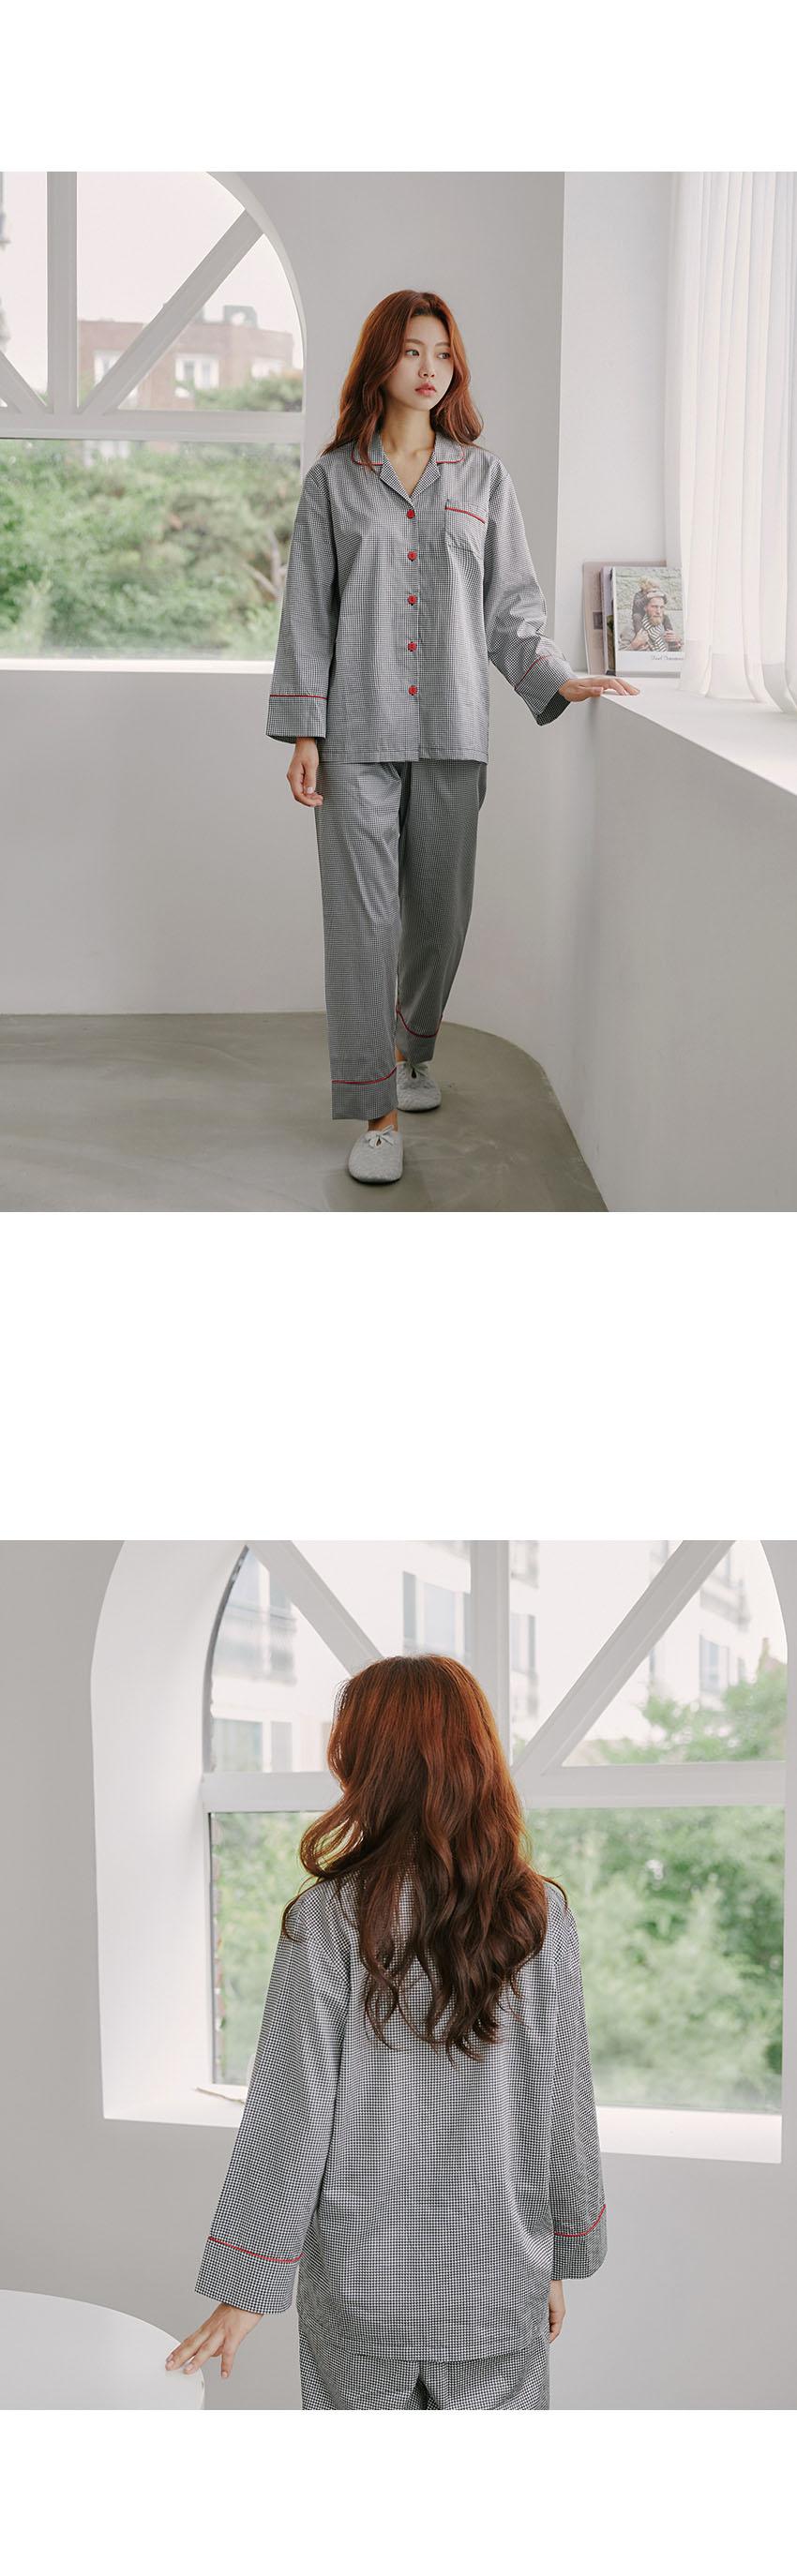 데일리 체크 순면 여자 셔츠잠옷 - 바이메이비, 68,800원, 잠옷, 여성파자마